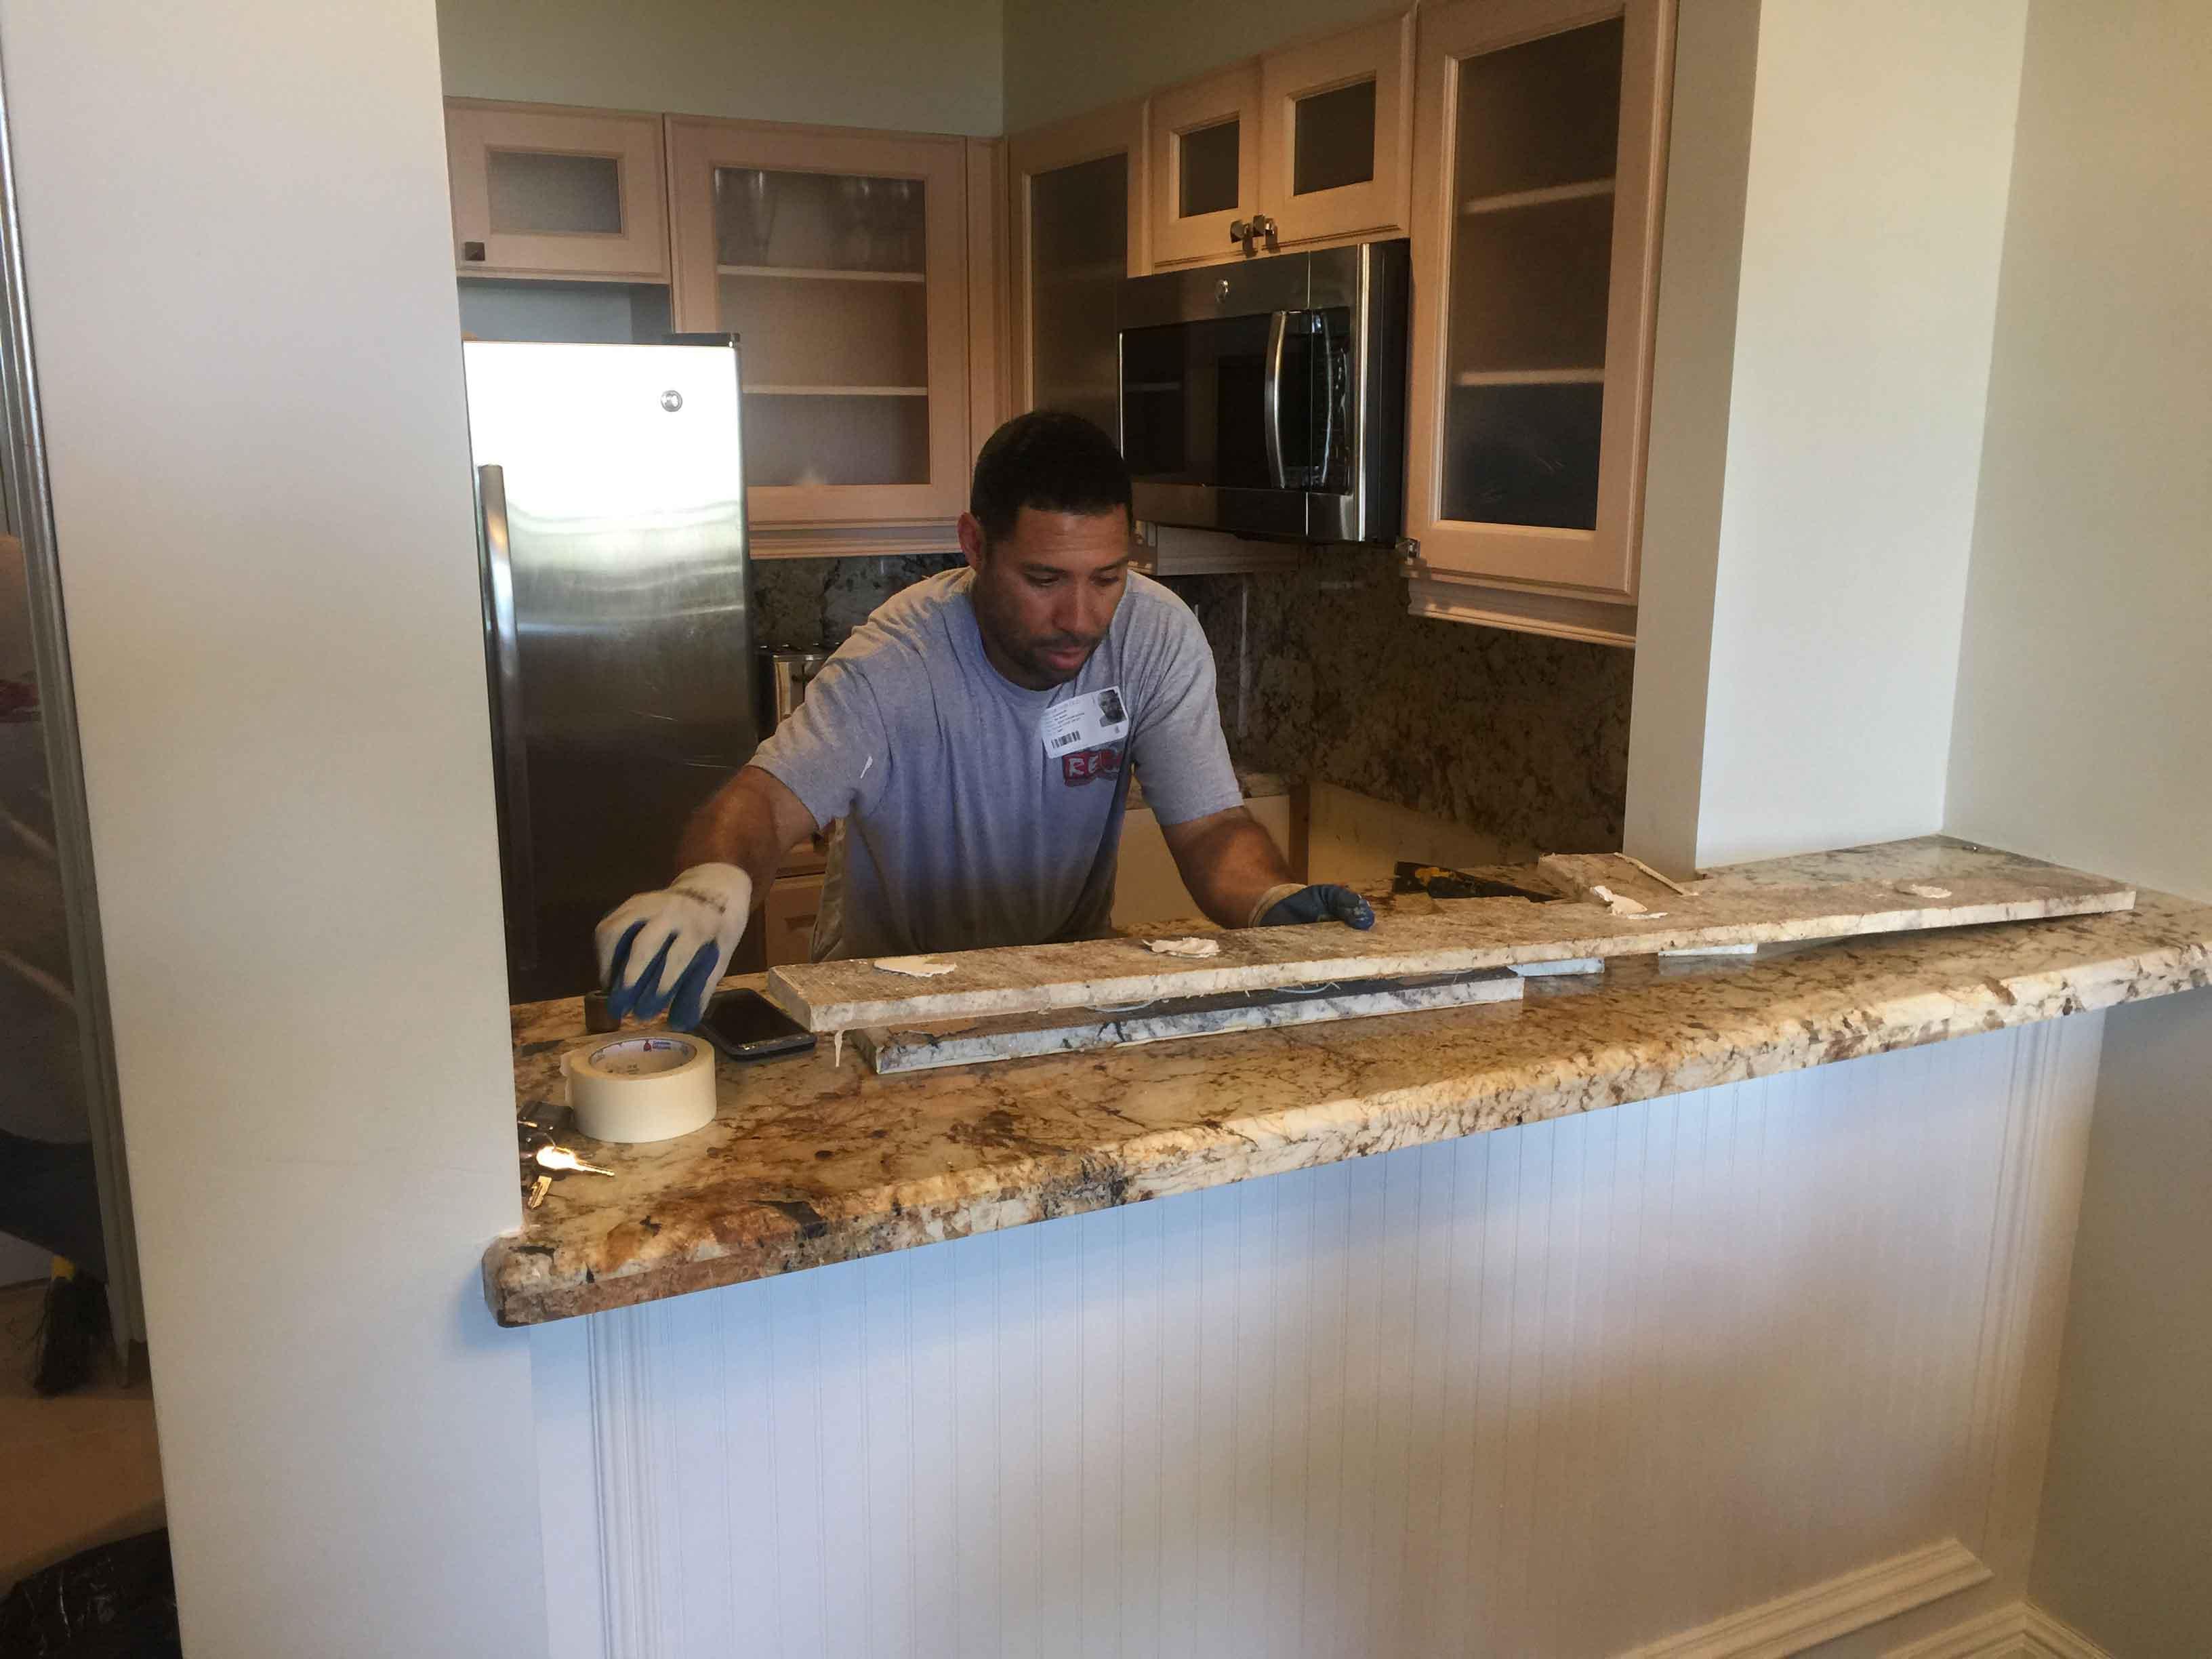 Reel-Contractors-Counter-Top-Instalation-Reconstruction-Professionals-Pembroke-Pines-Fl-Company